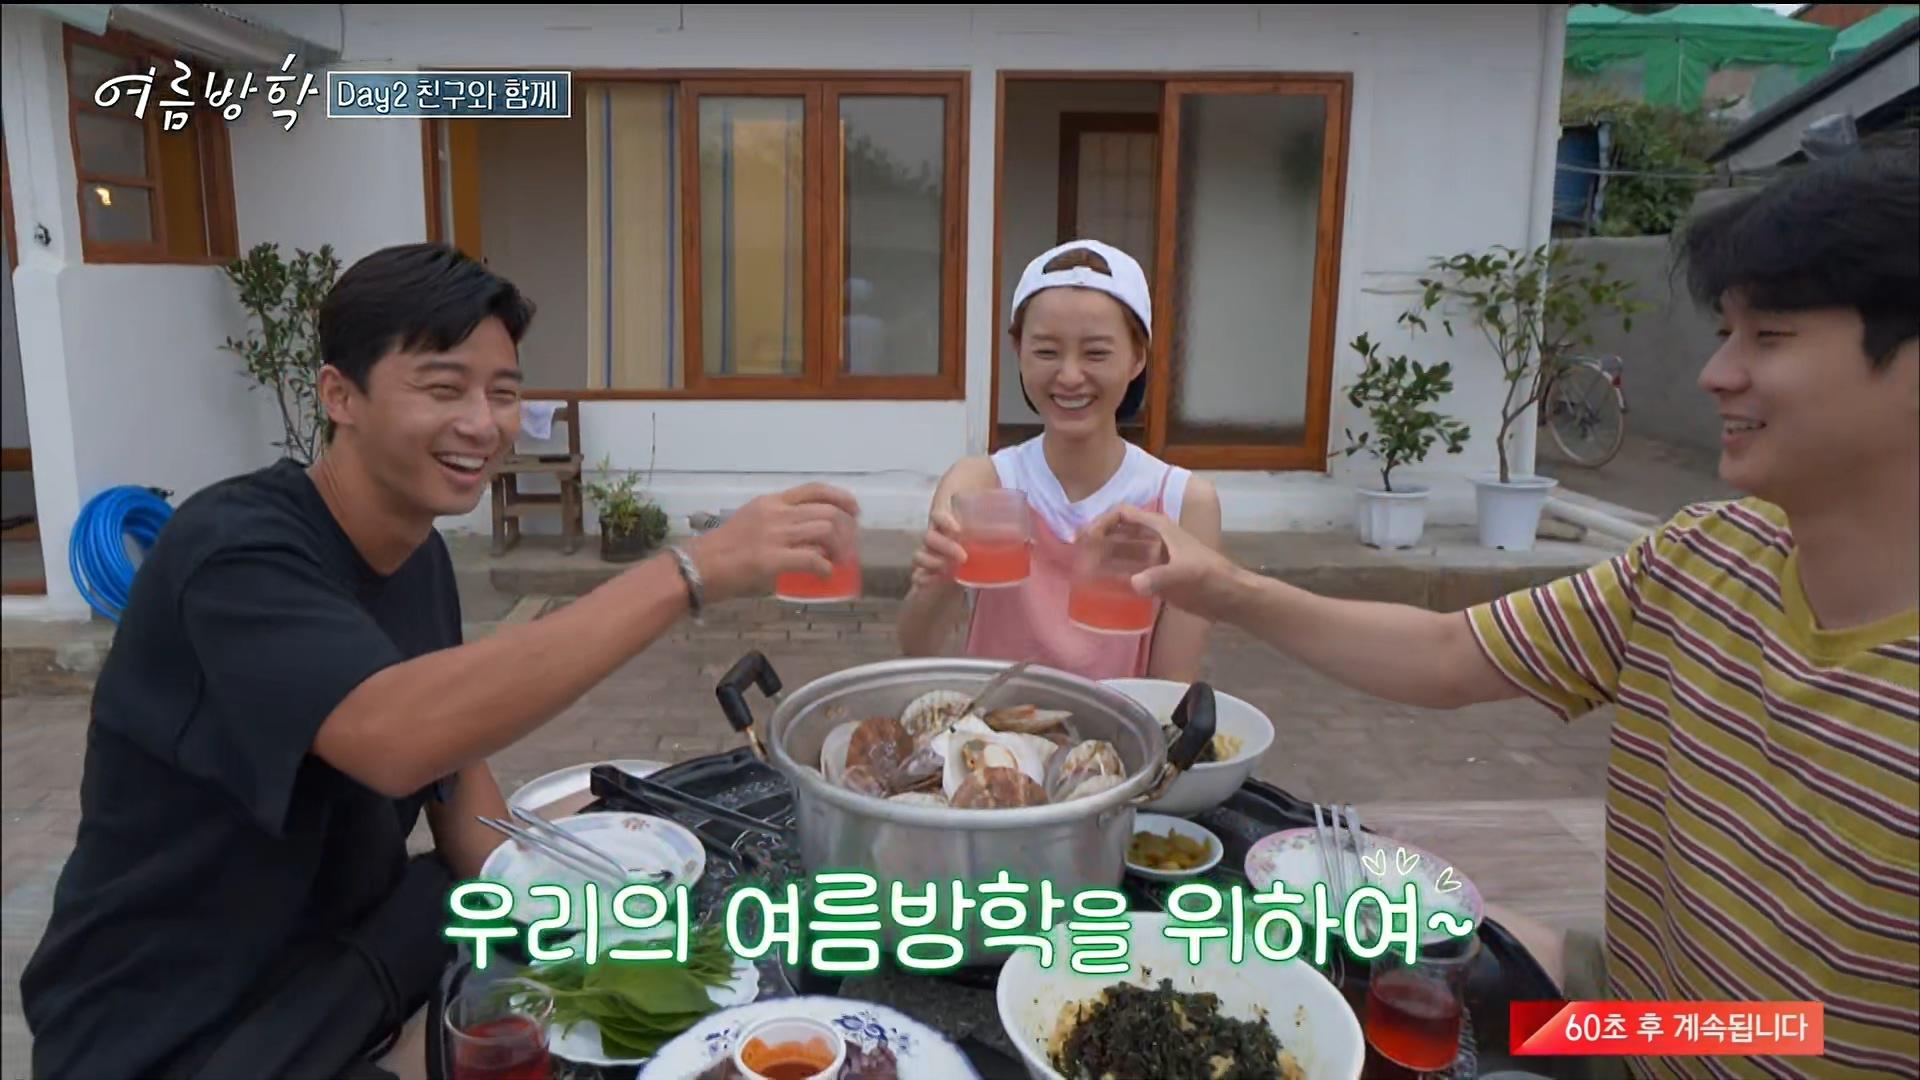 여름방학 정유미 박서준 최우석 '닭가슴살 카레밥' 만드는 방법